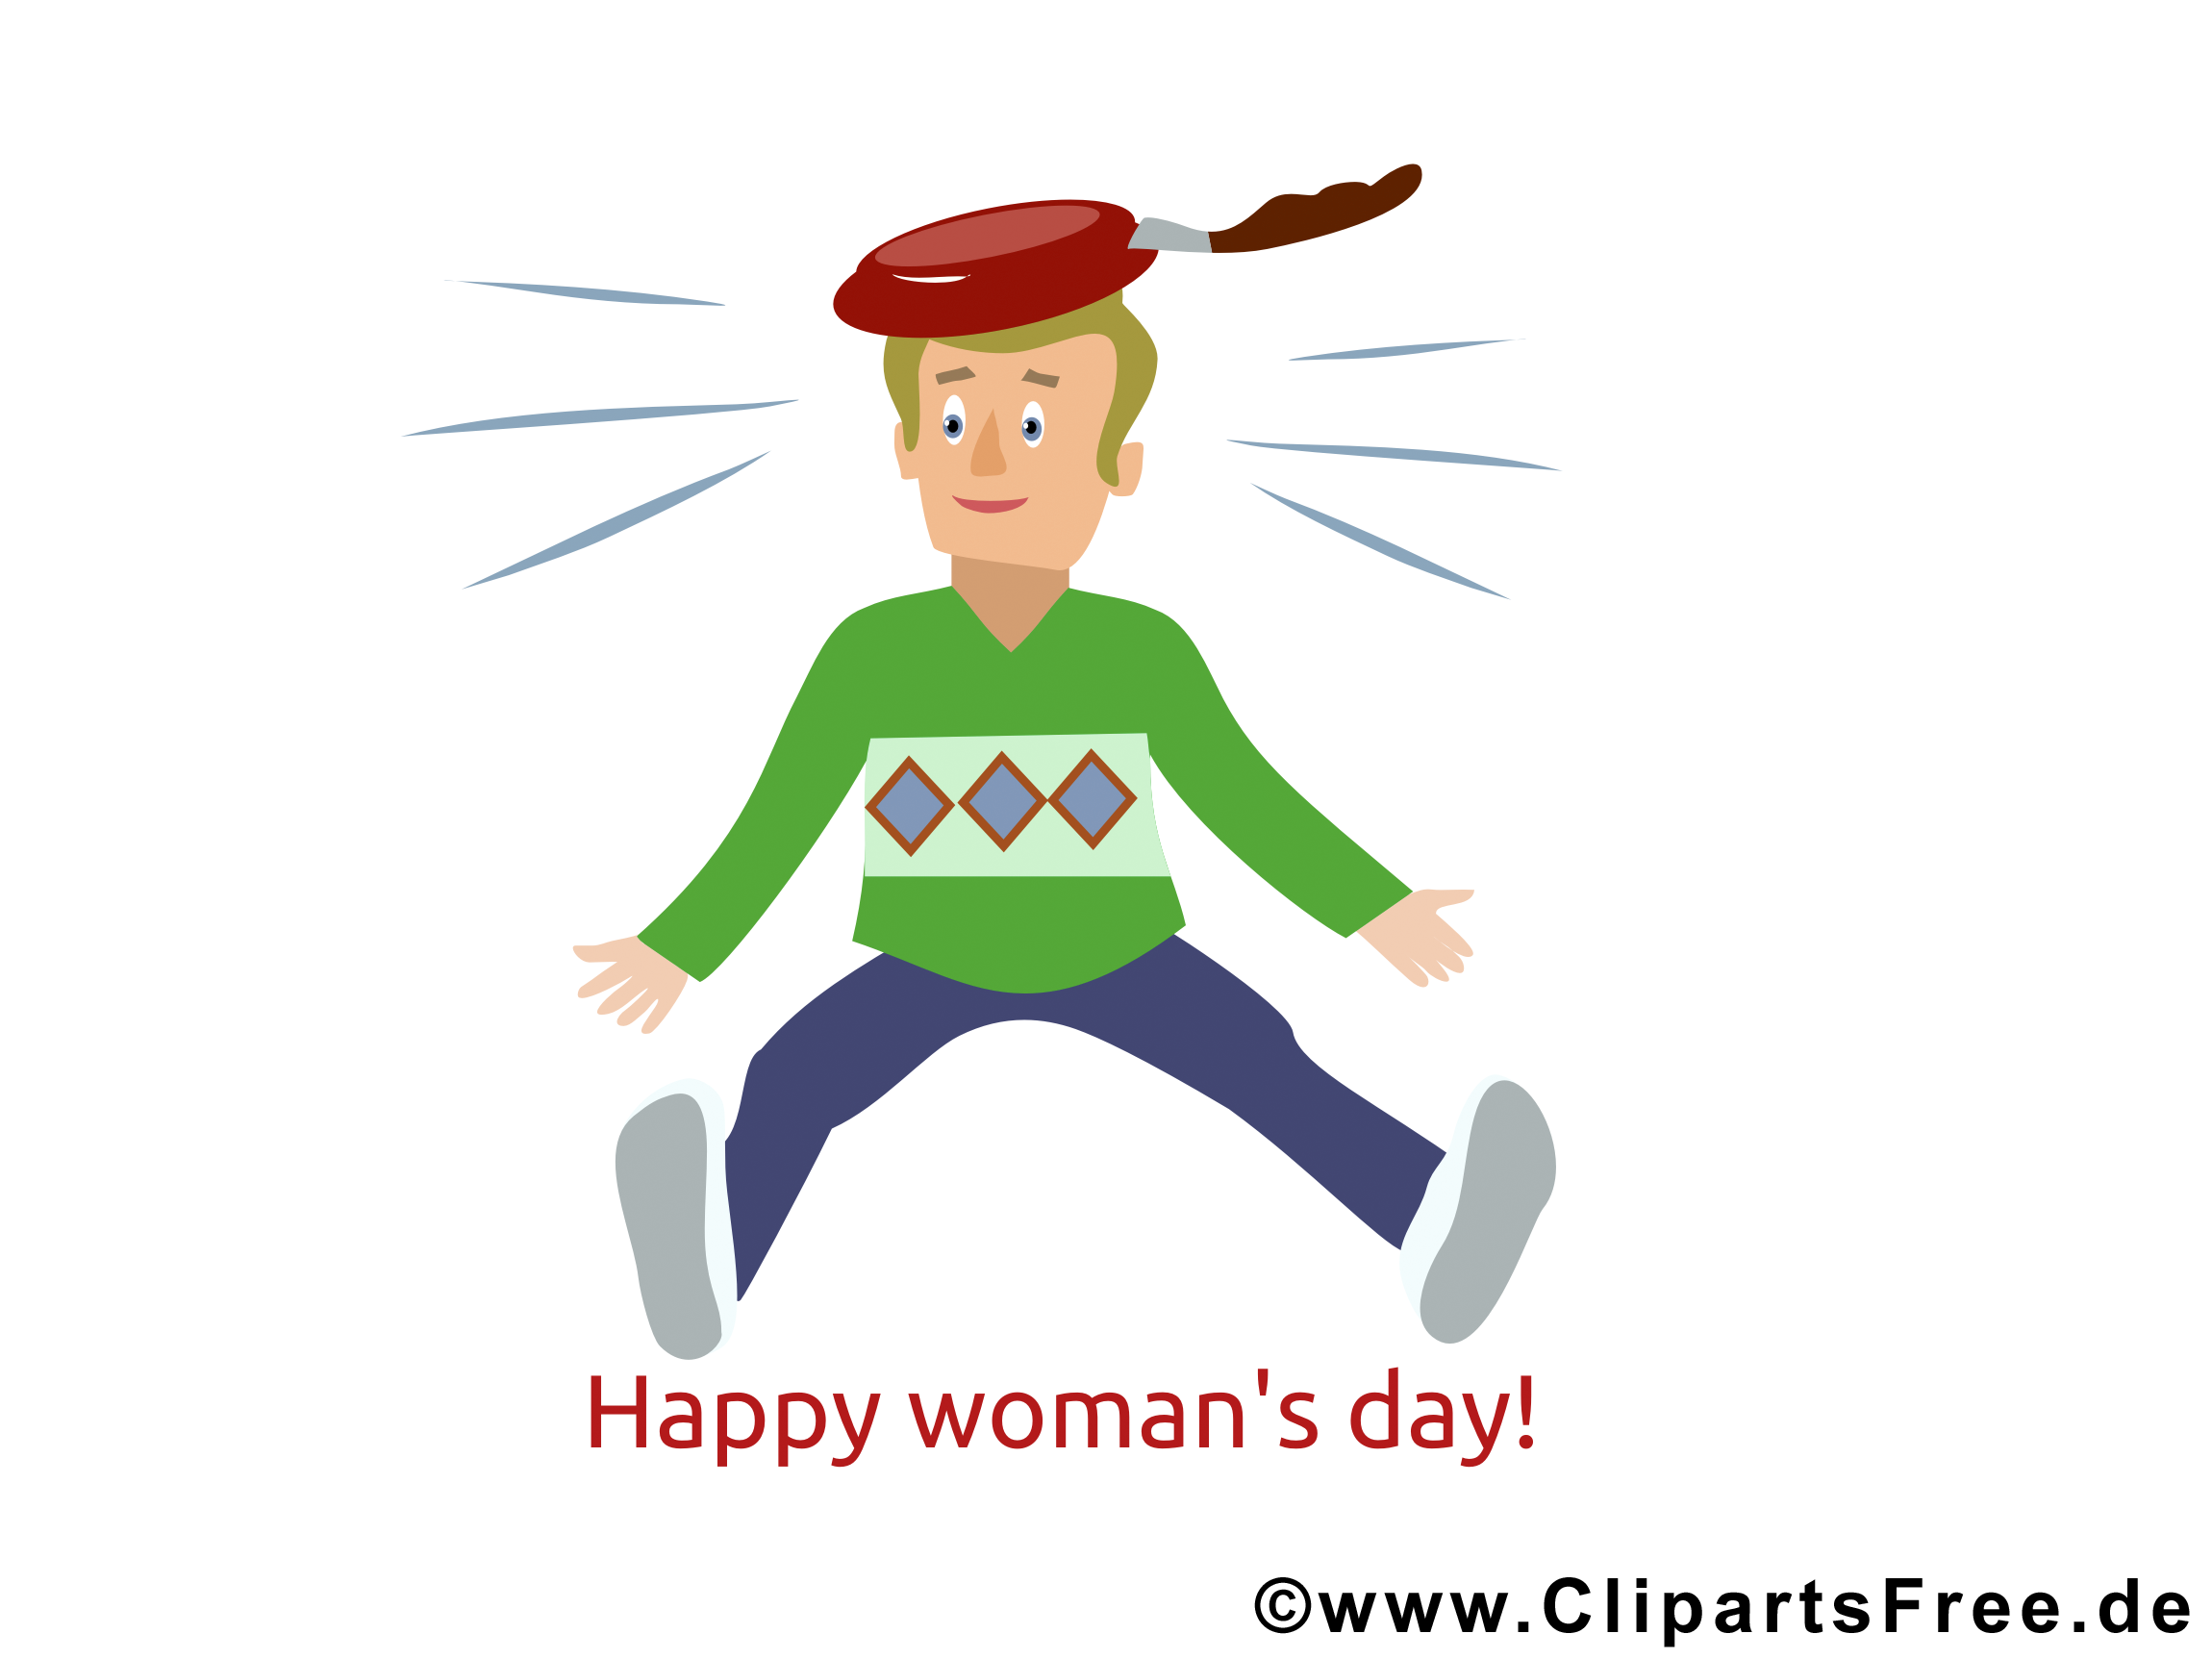 Lustige Grüße zum Frauentag